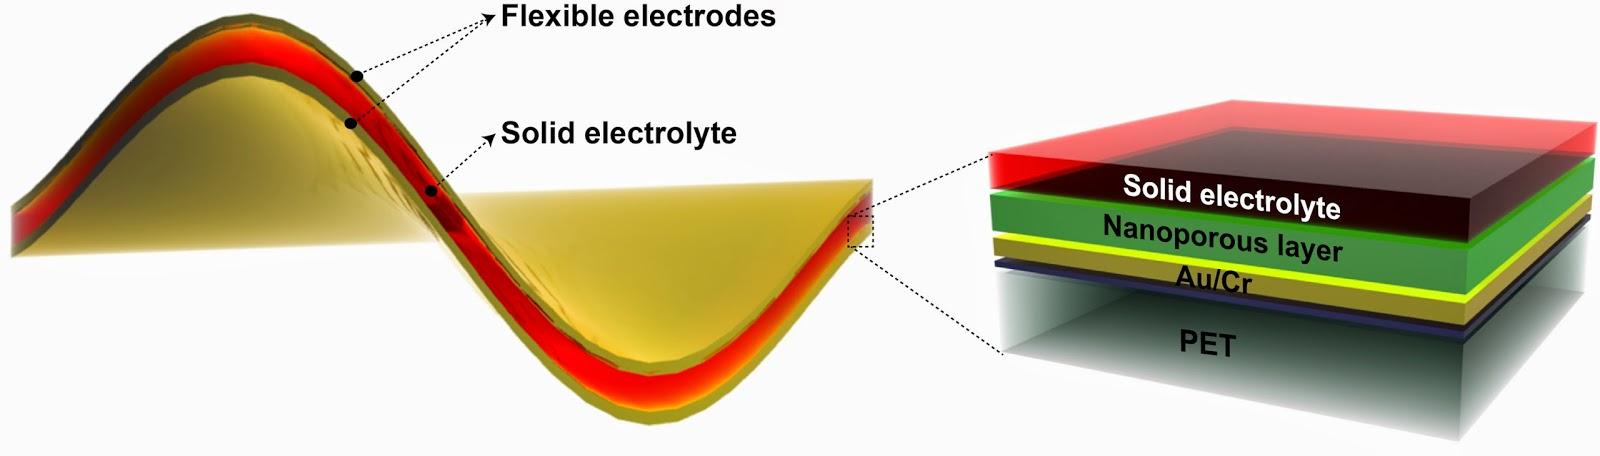 Flexible Nano Nickel-fluoride Battery Doubles as a